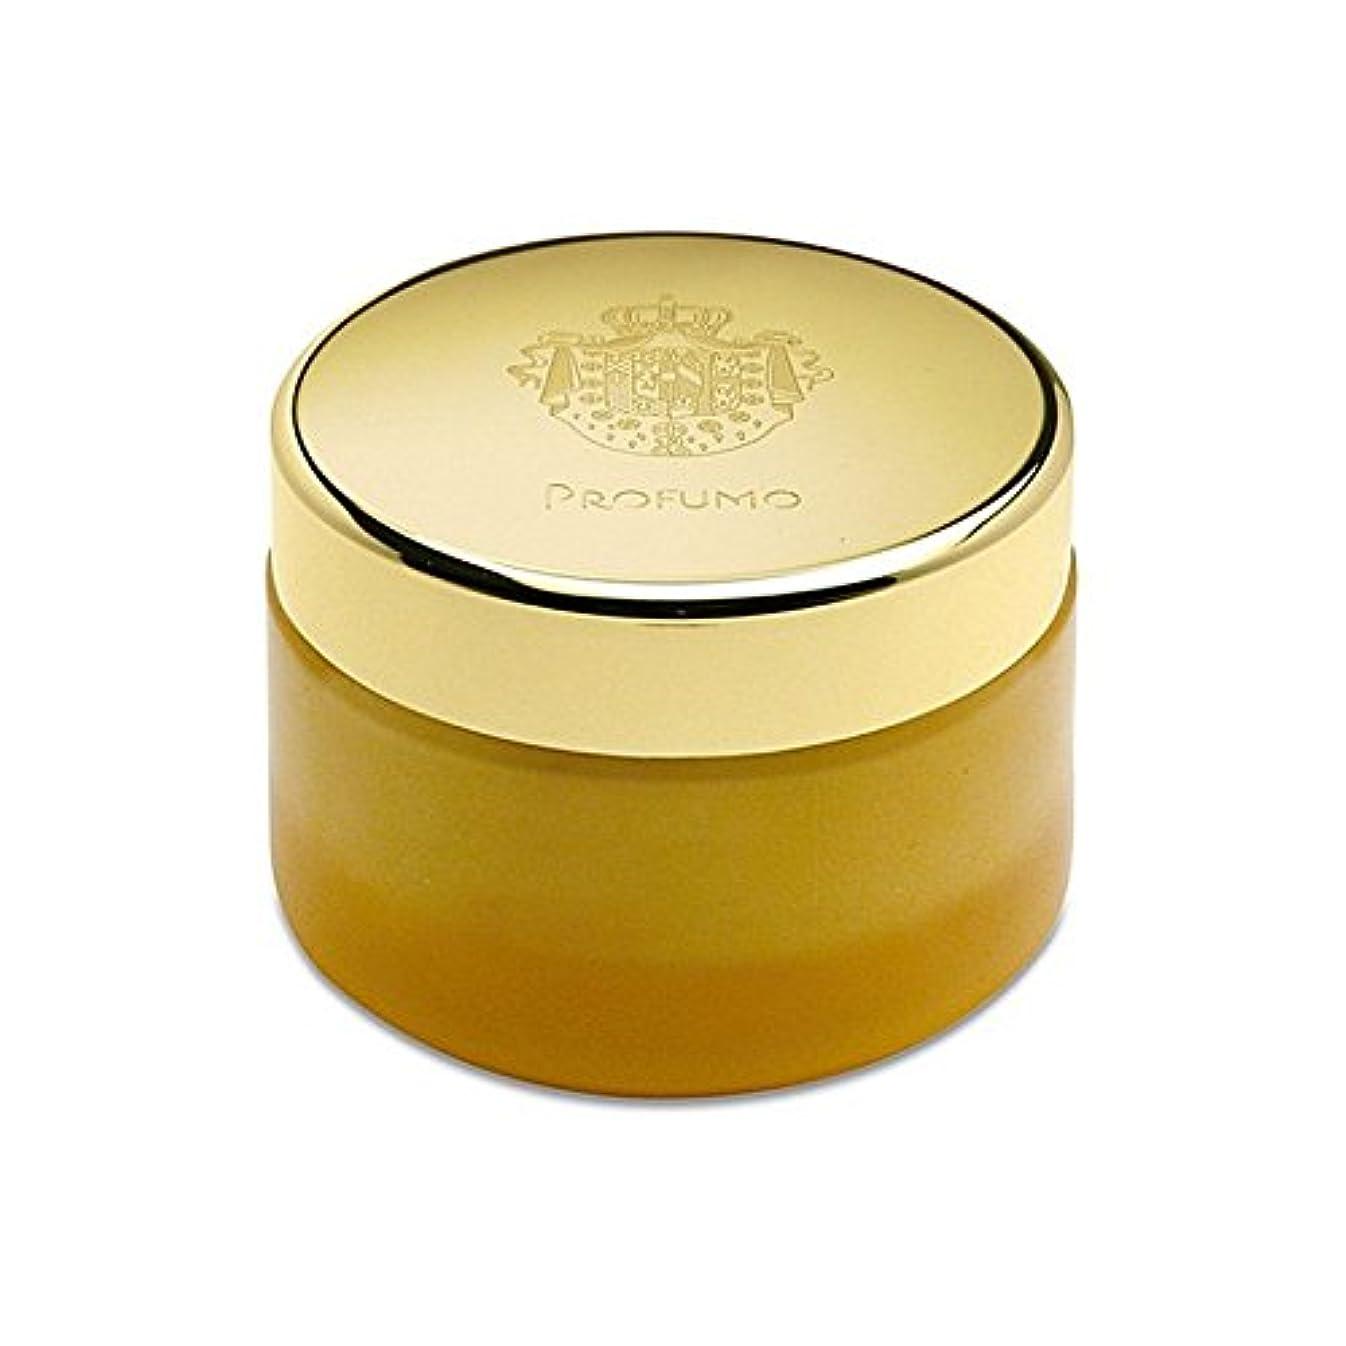 合体脆い震えアクアディパルマボディクリーム200ミリリットル x4 - Acqua Di Parma Profumo Body Cream 200ml (Pack of 4) [並行輸入品]